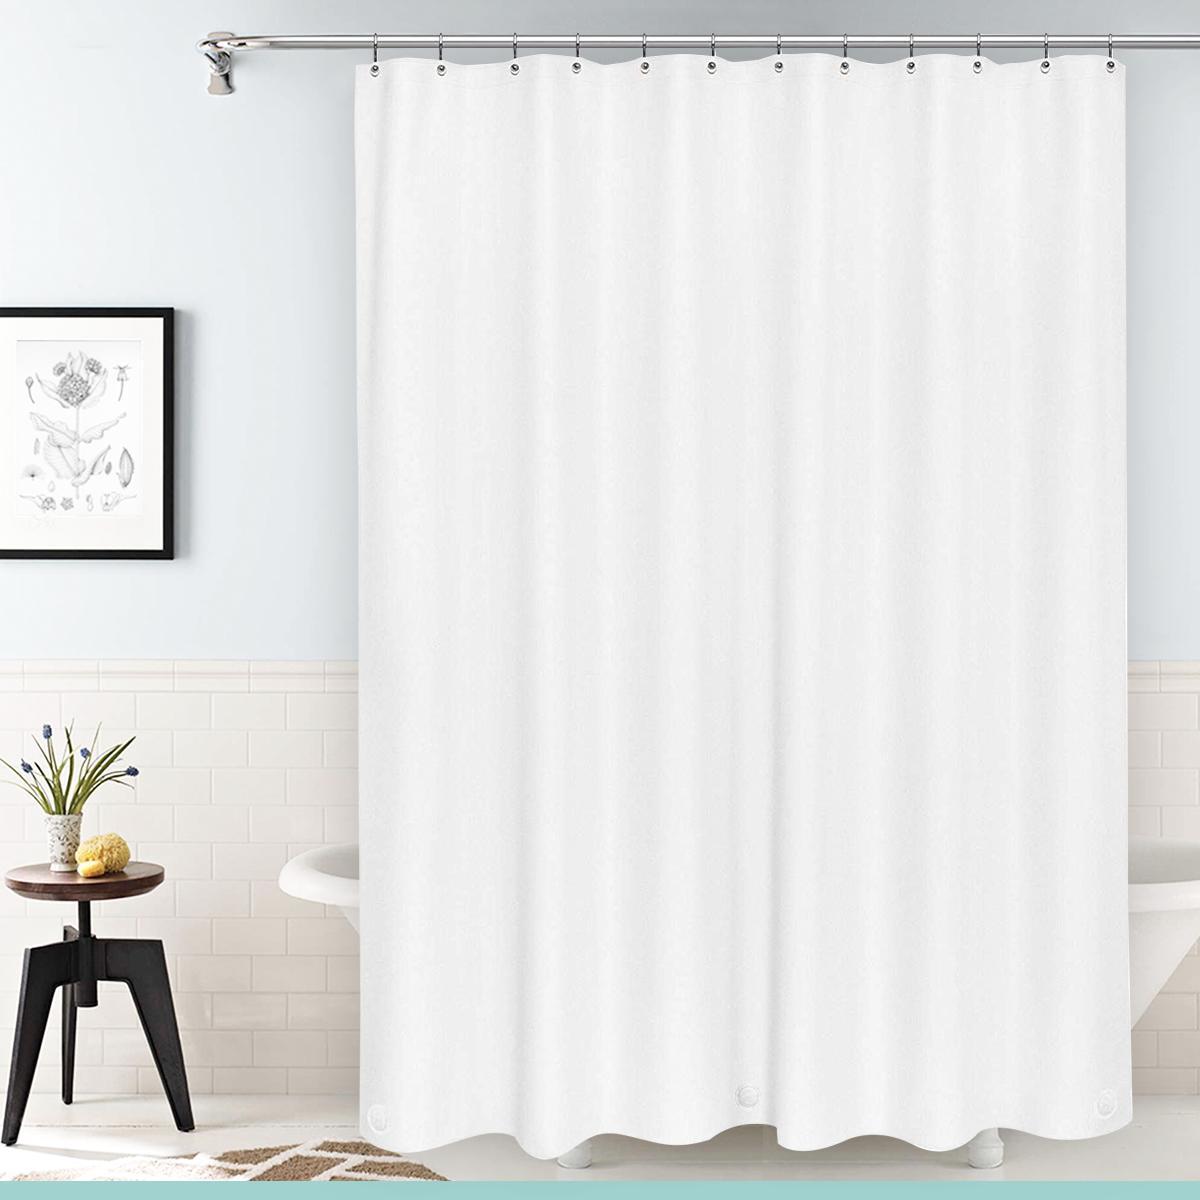 heavy duty mildew free waterproof shower curtain